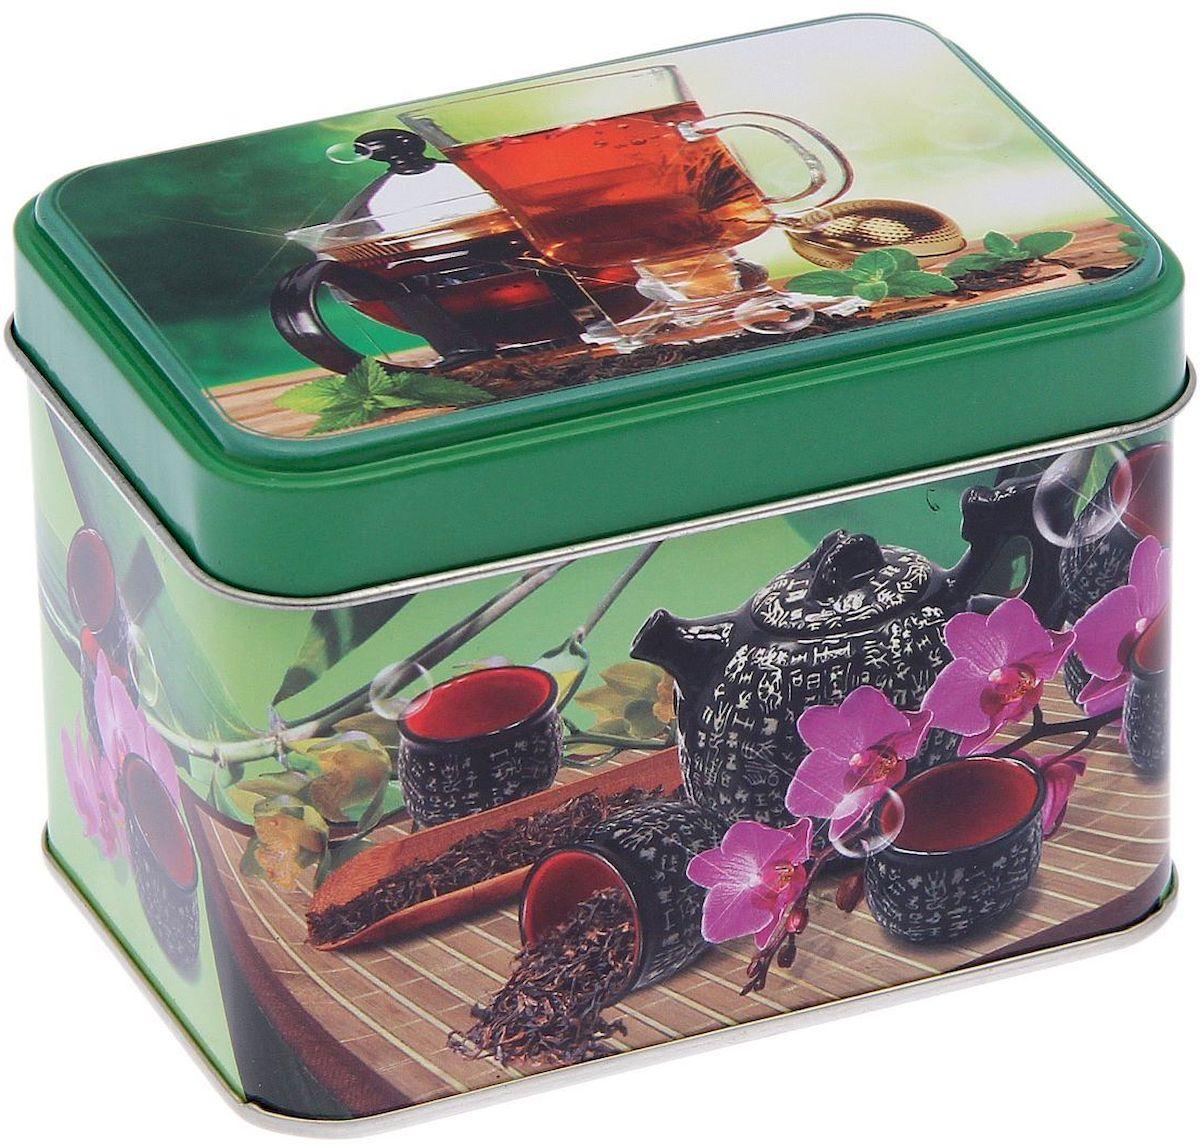 Банка для сыпучих продуктов Рязанская фабрика жестяной упаковки